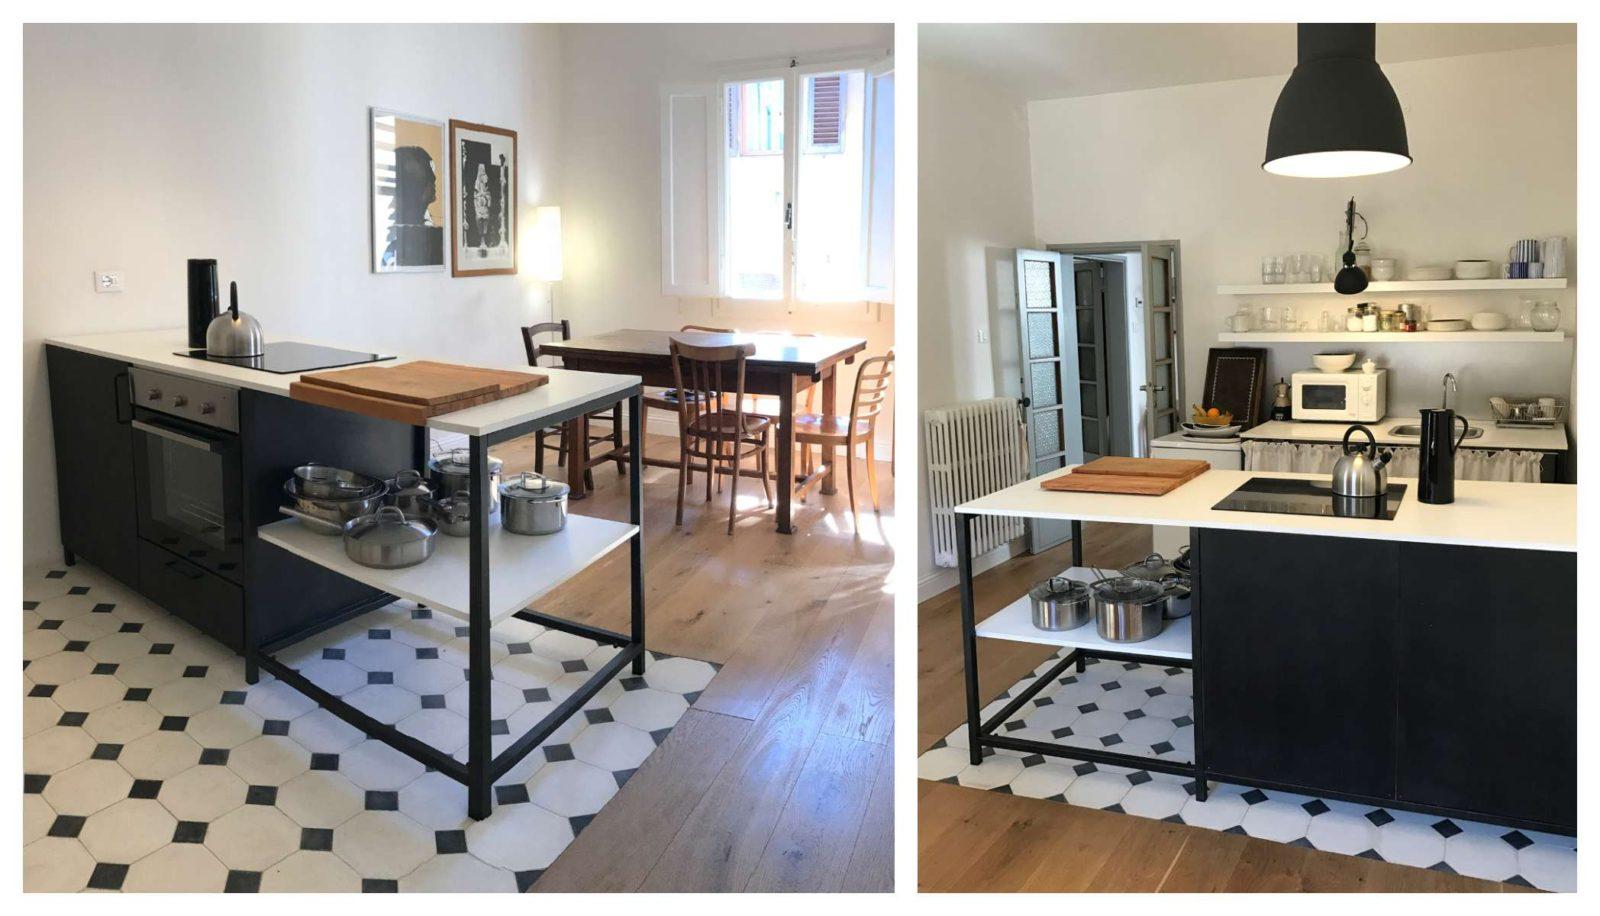 Pavimento Cucina Parquet E Piastrelle | Pavimenti Per Cucina Bianca ...